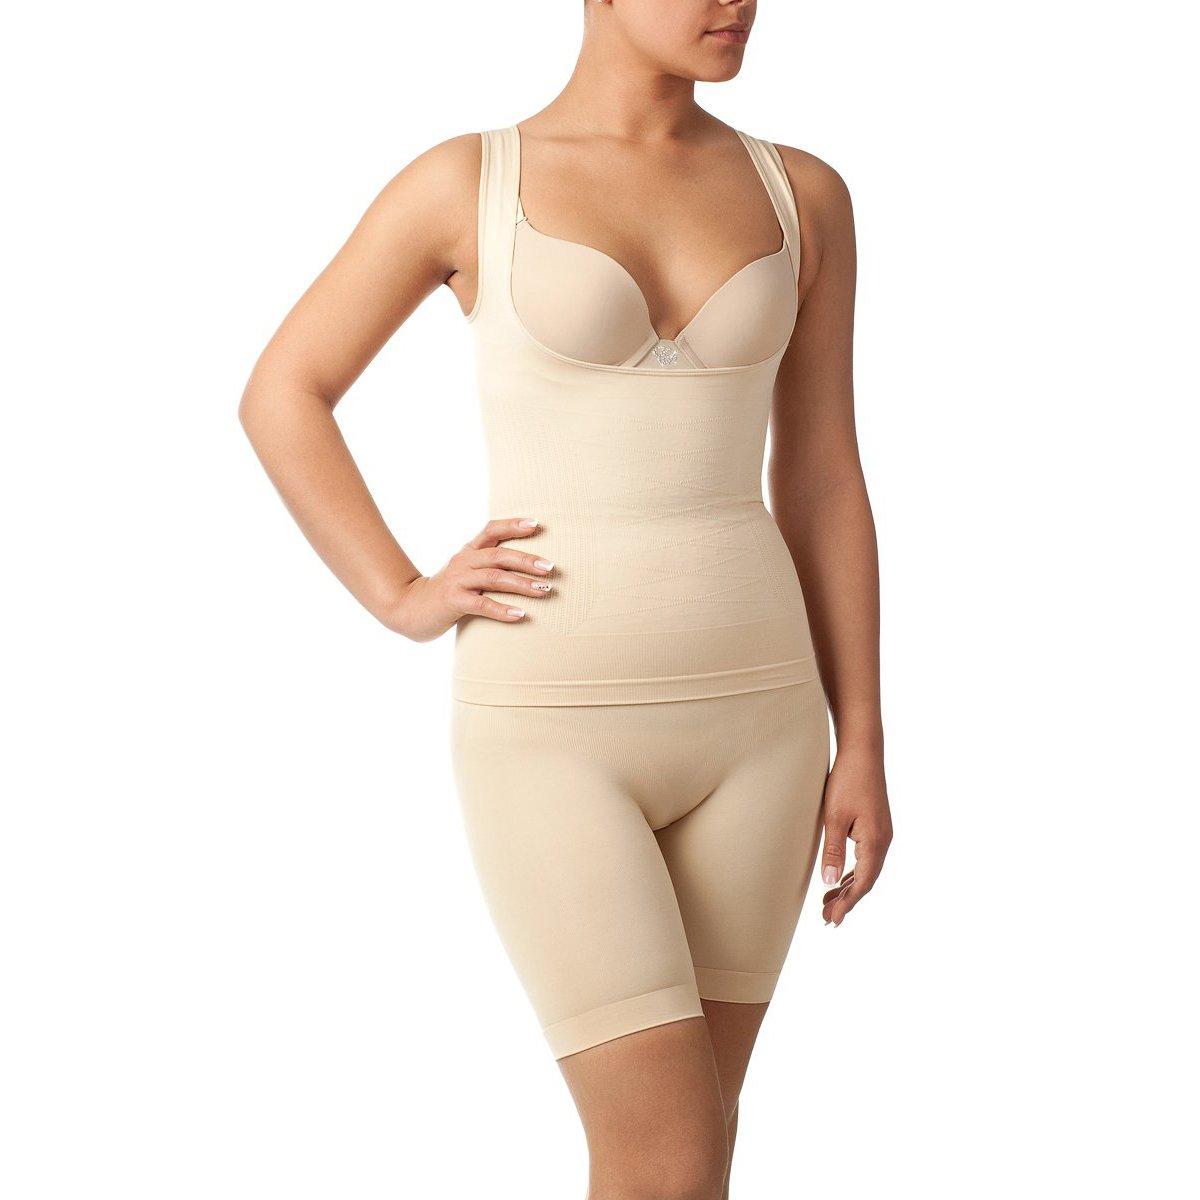 Комплект майка + шорты с сильным корректирующим эффектом для женщин Charmante телесный